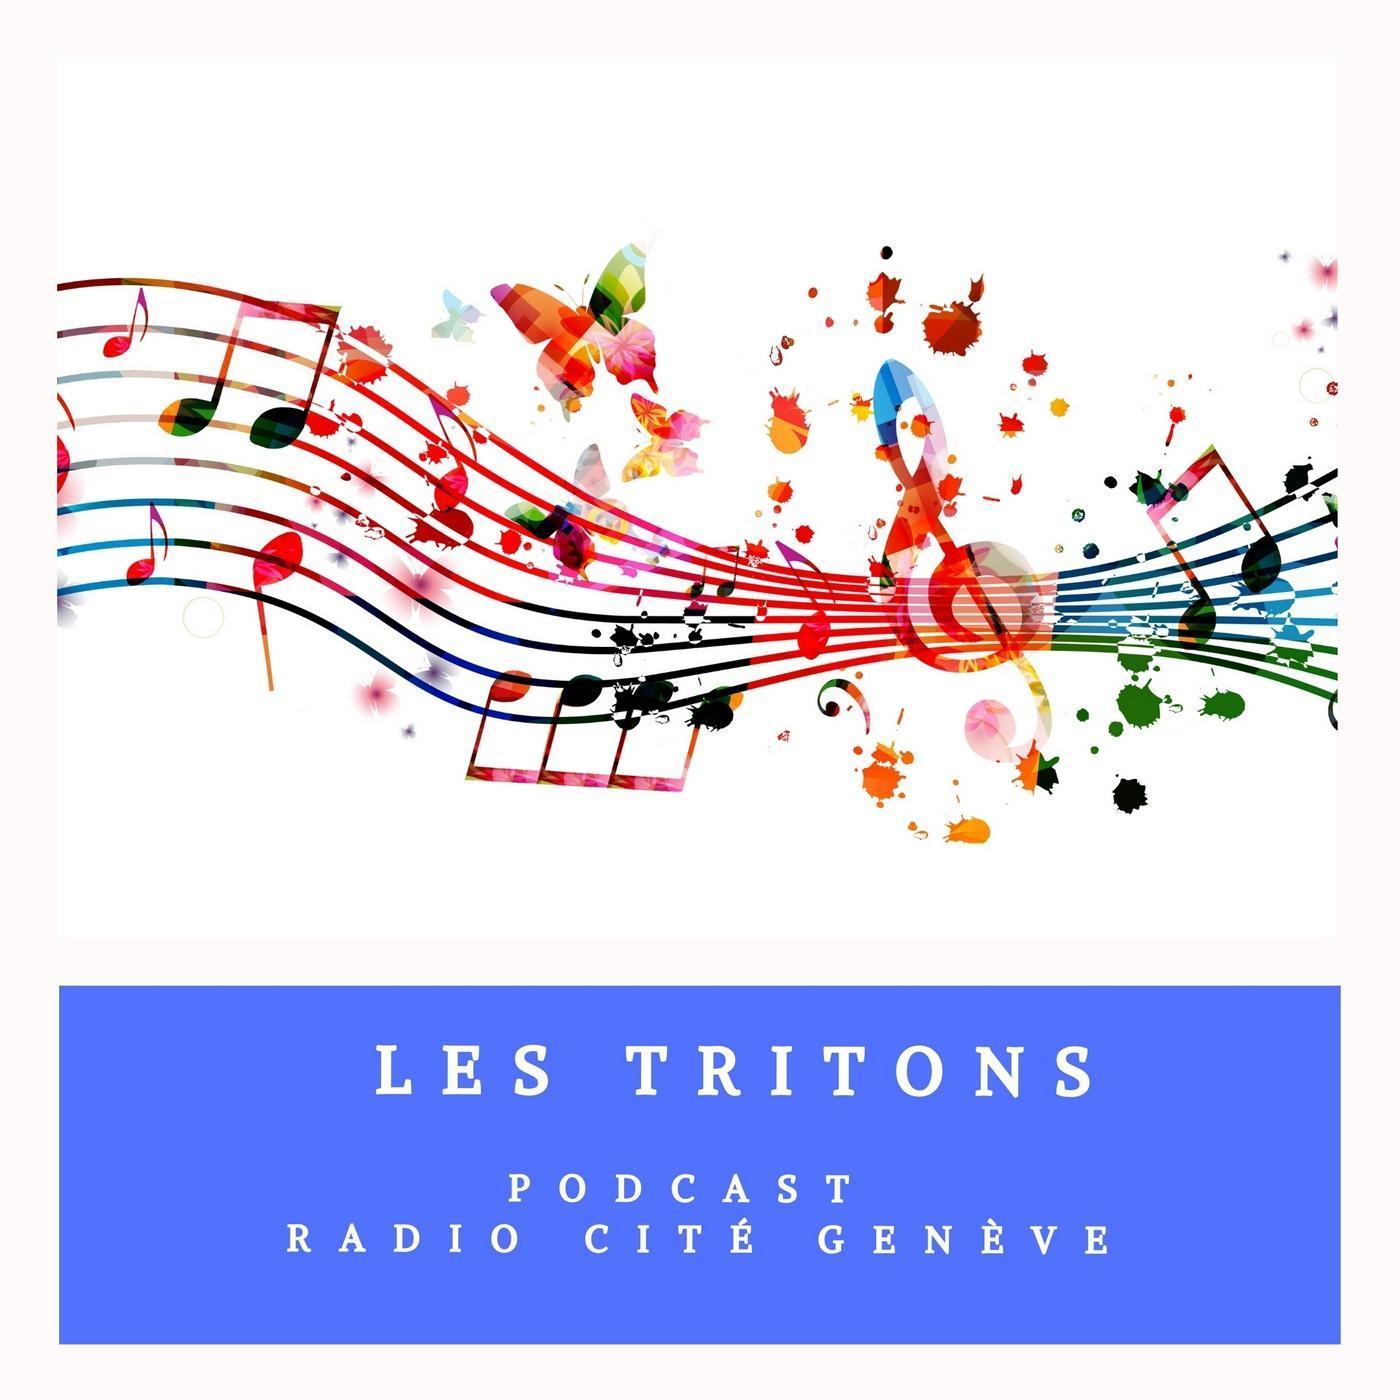 Les Tritons - 06/09/21 - Tritons Mélodie Zhao nous parle de son festival